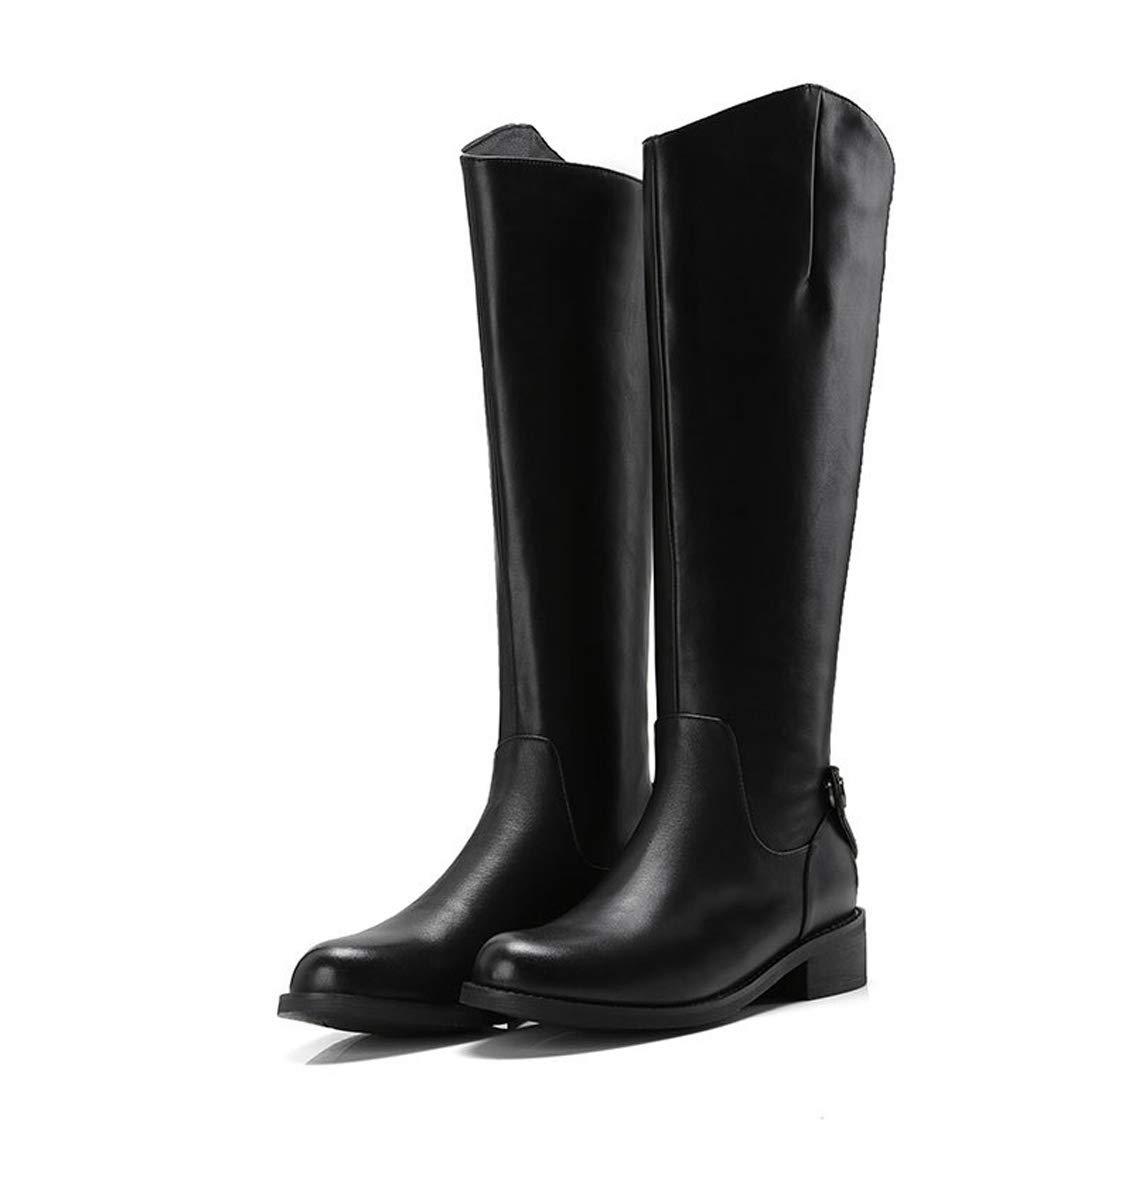 0a3bd8420d9d7 DANDANJIE Ladies Stiefel Winter Low Heel Knee Fashion Zipper Knight ...